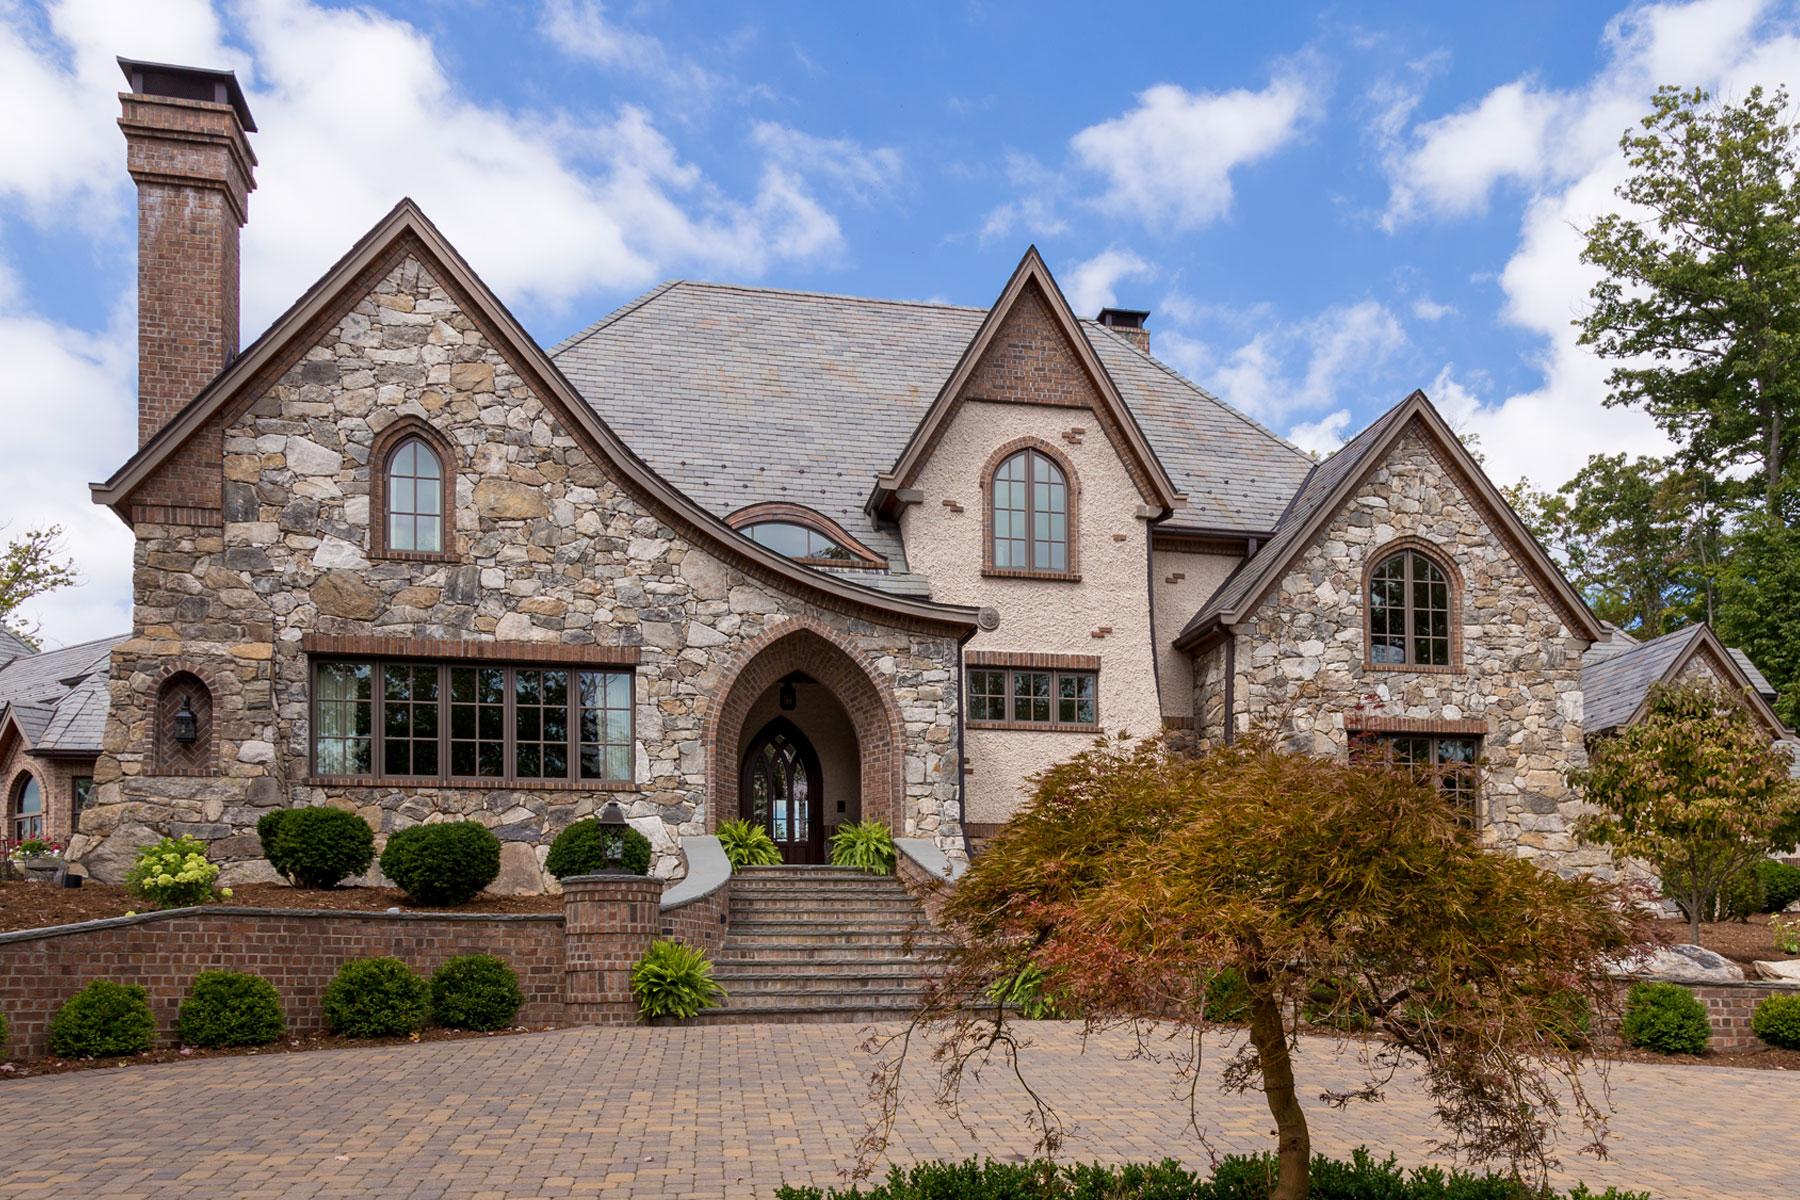 Biltmore Forest Romantic customed designed estate home